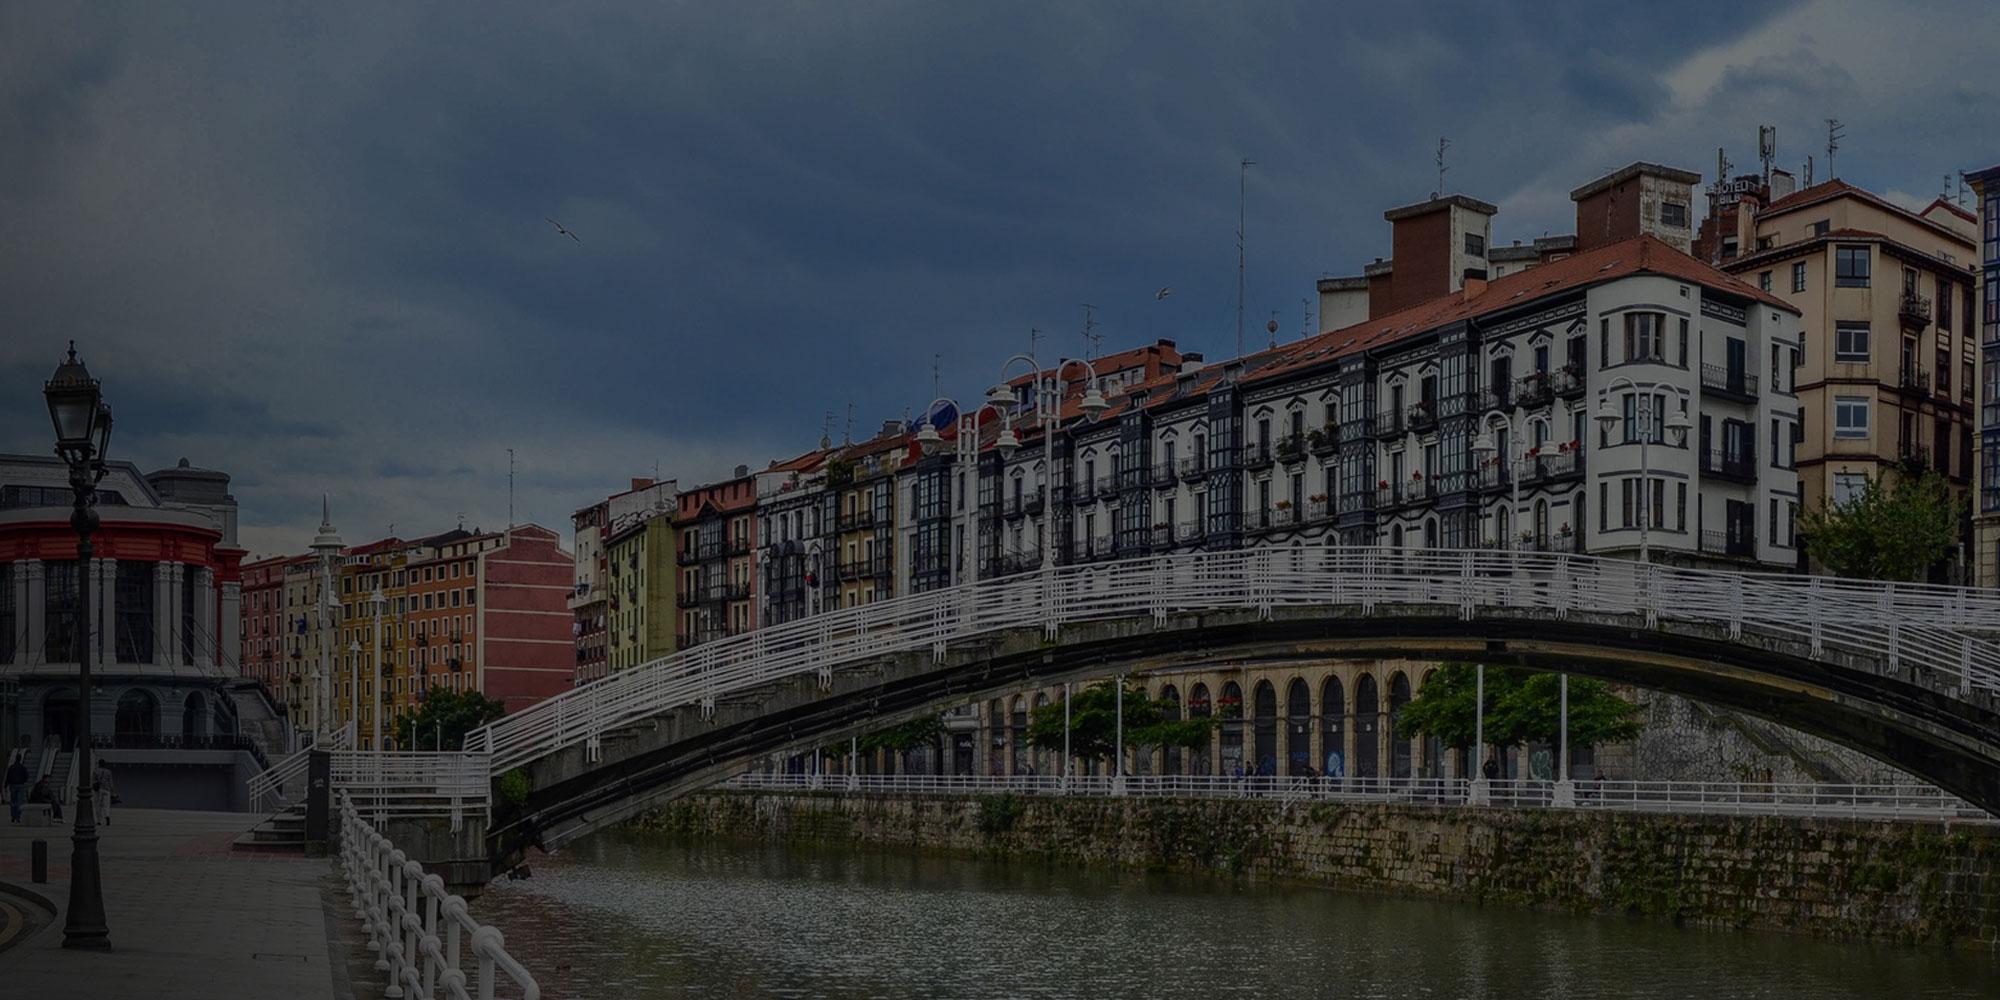 Gestoría Lanza Bilbao asesoría calle cocherito